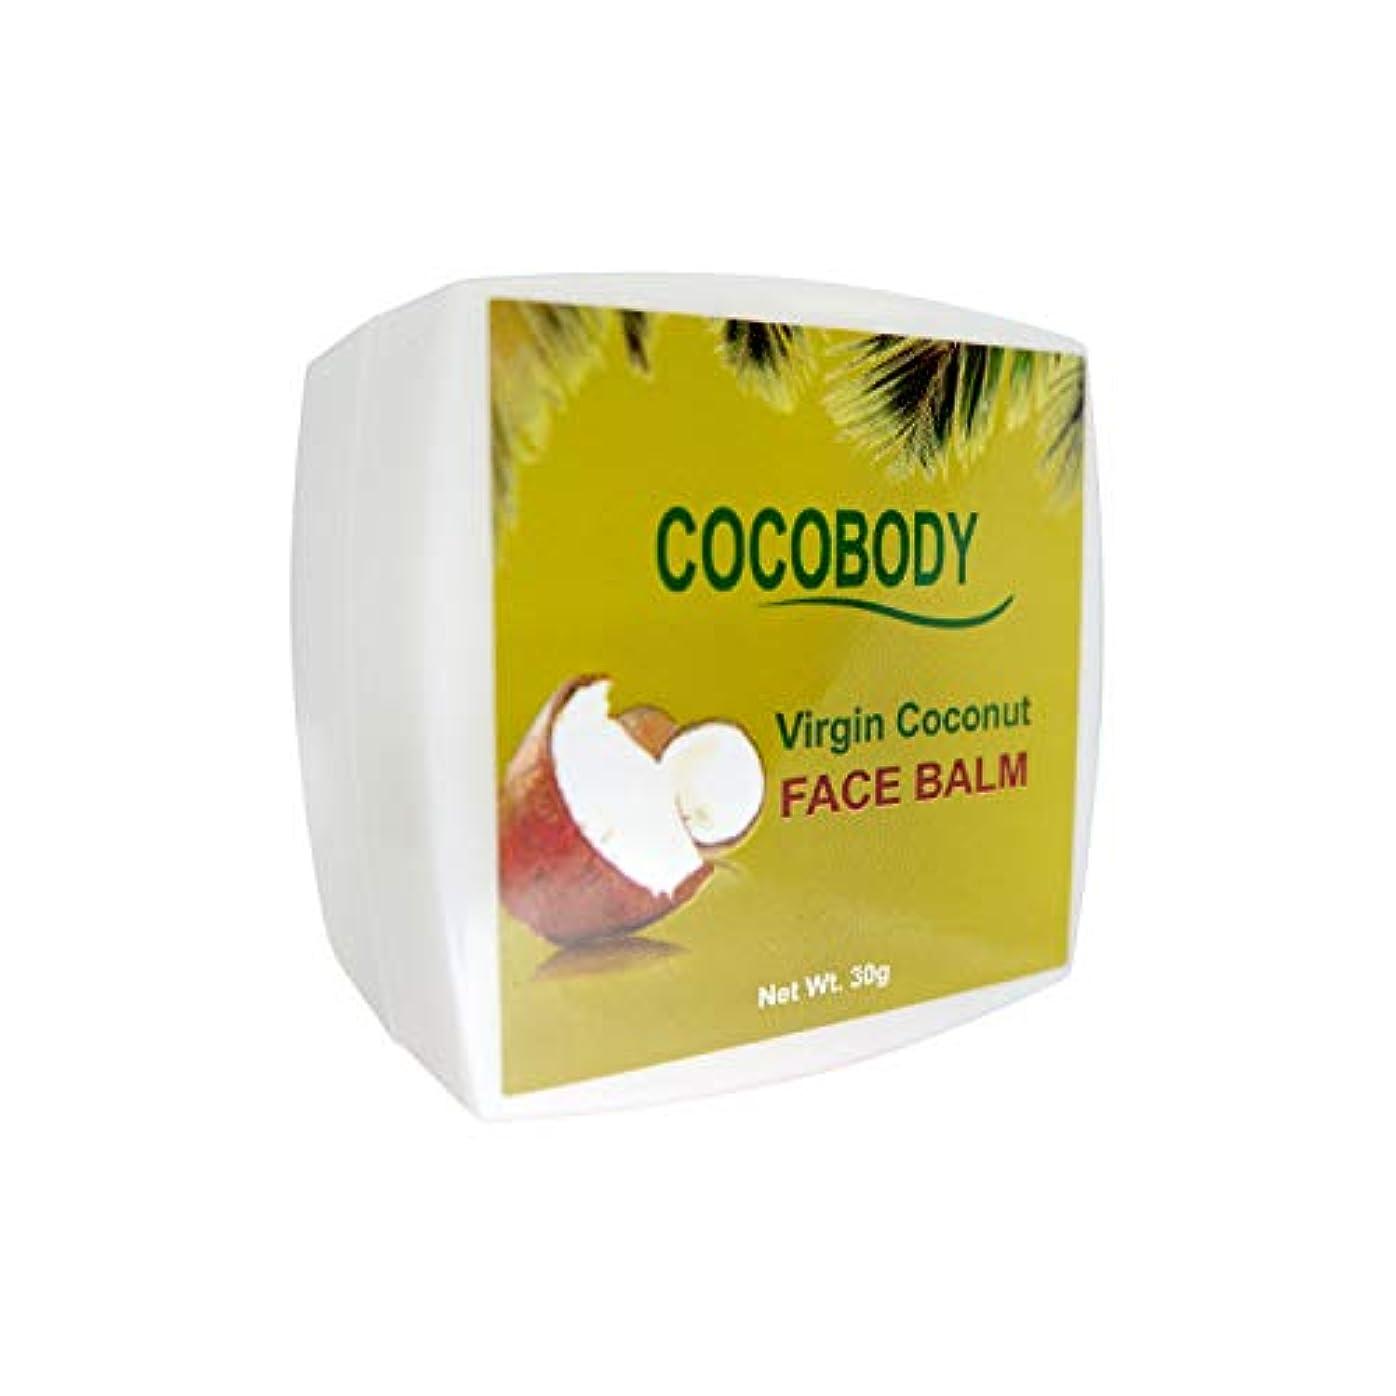 COCOBODY, ココボディ フェイスバーム パイン 30g (自然派、ボタニカル) メンズも使える! 【メーカー正規直販品】